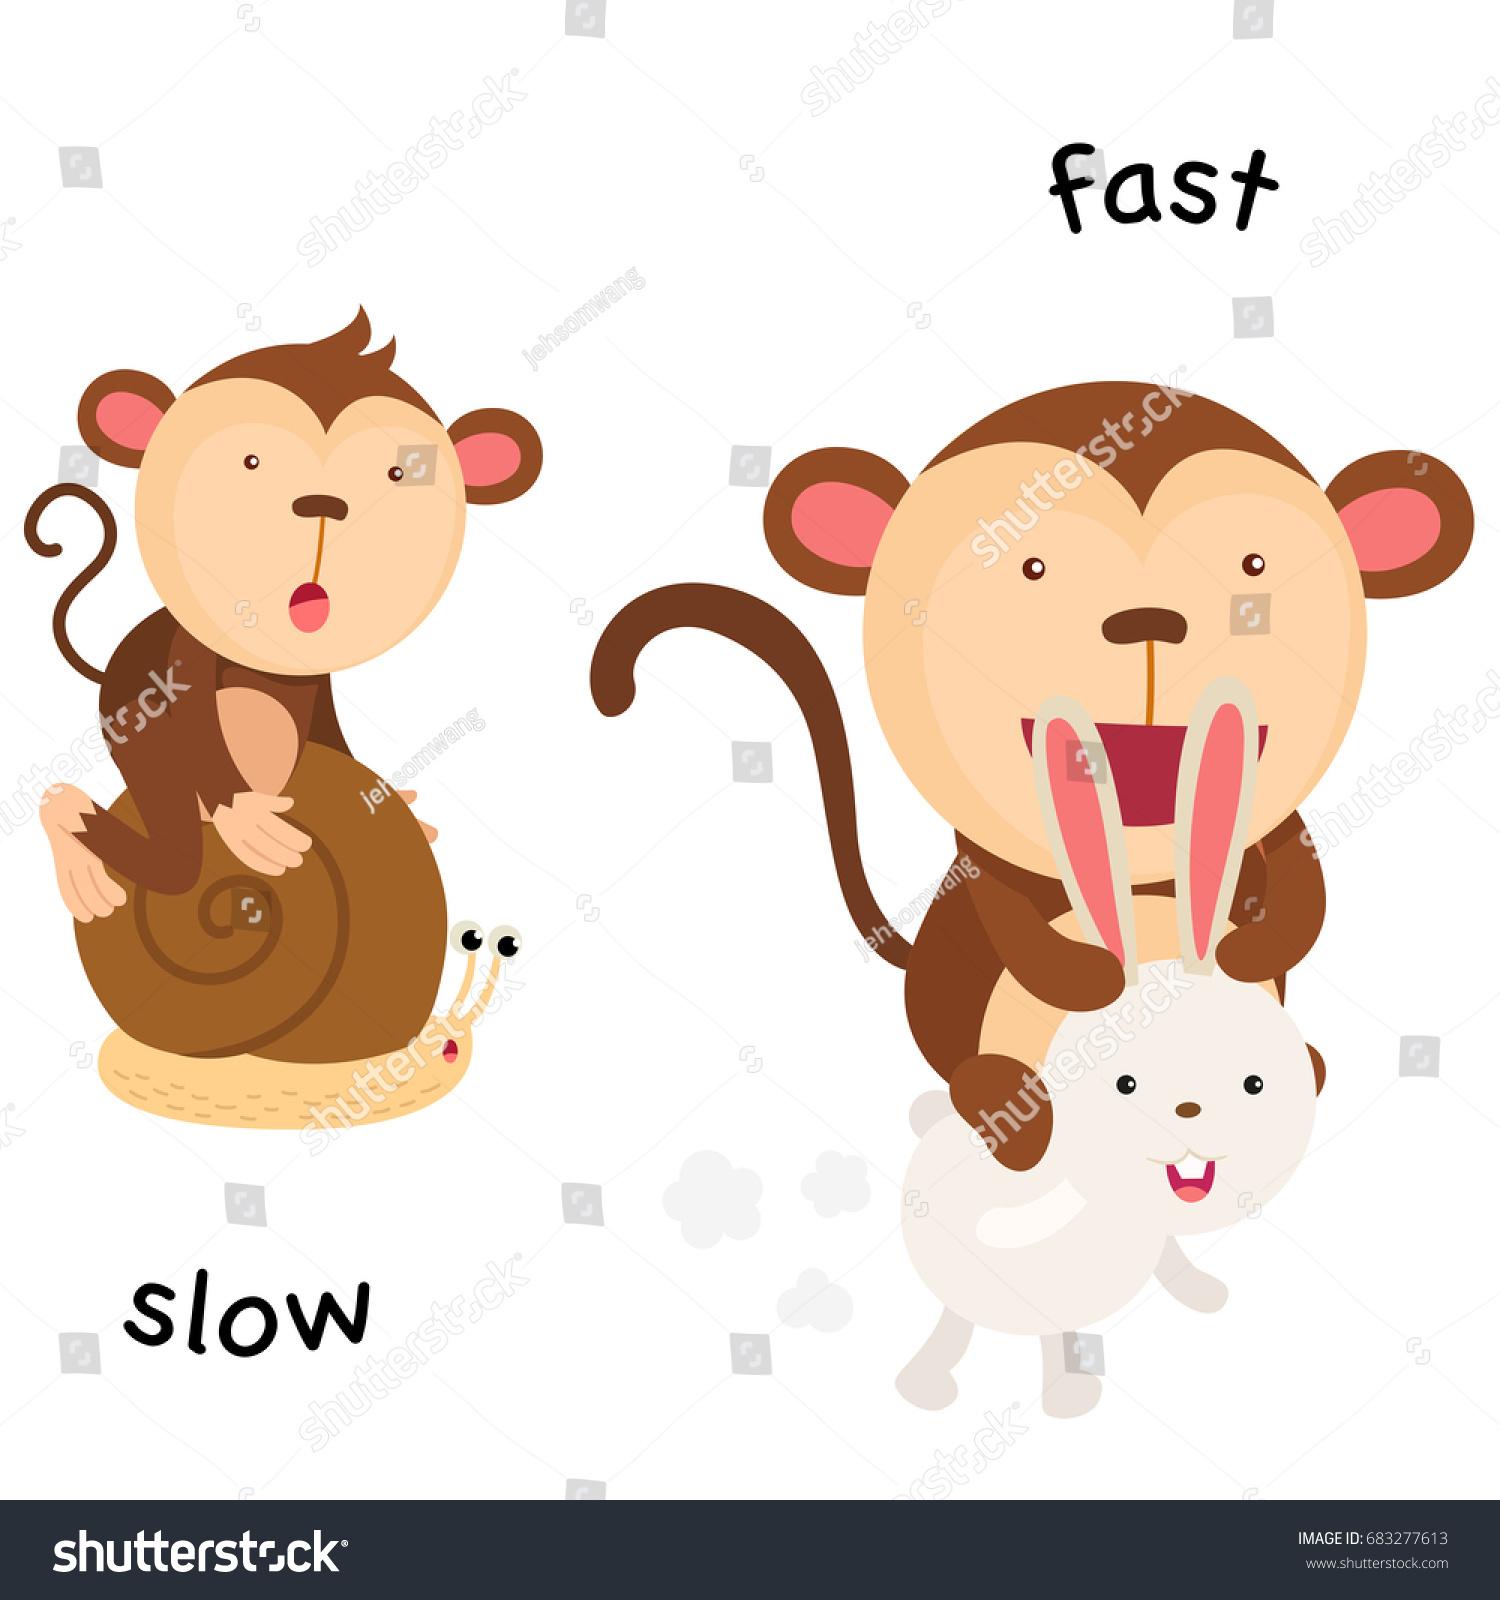 Opposite Slow Fast Vector Illustration Stock Vector